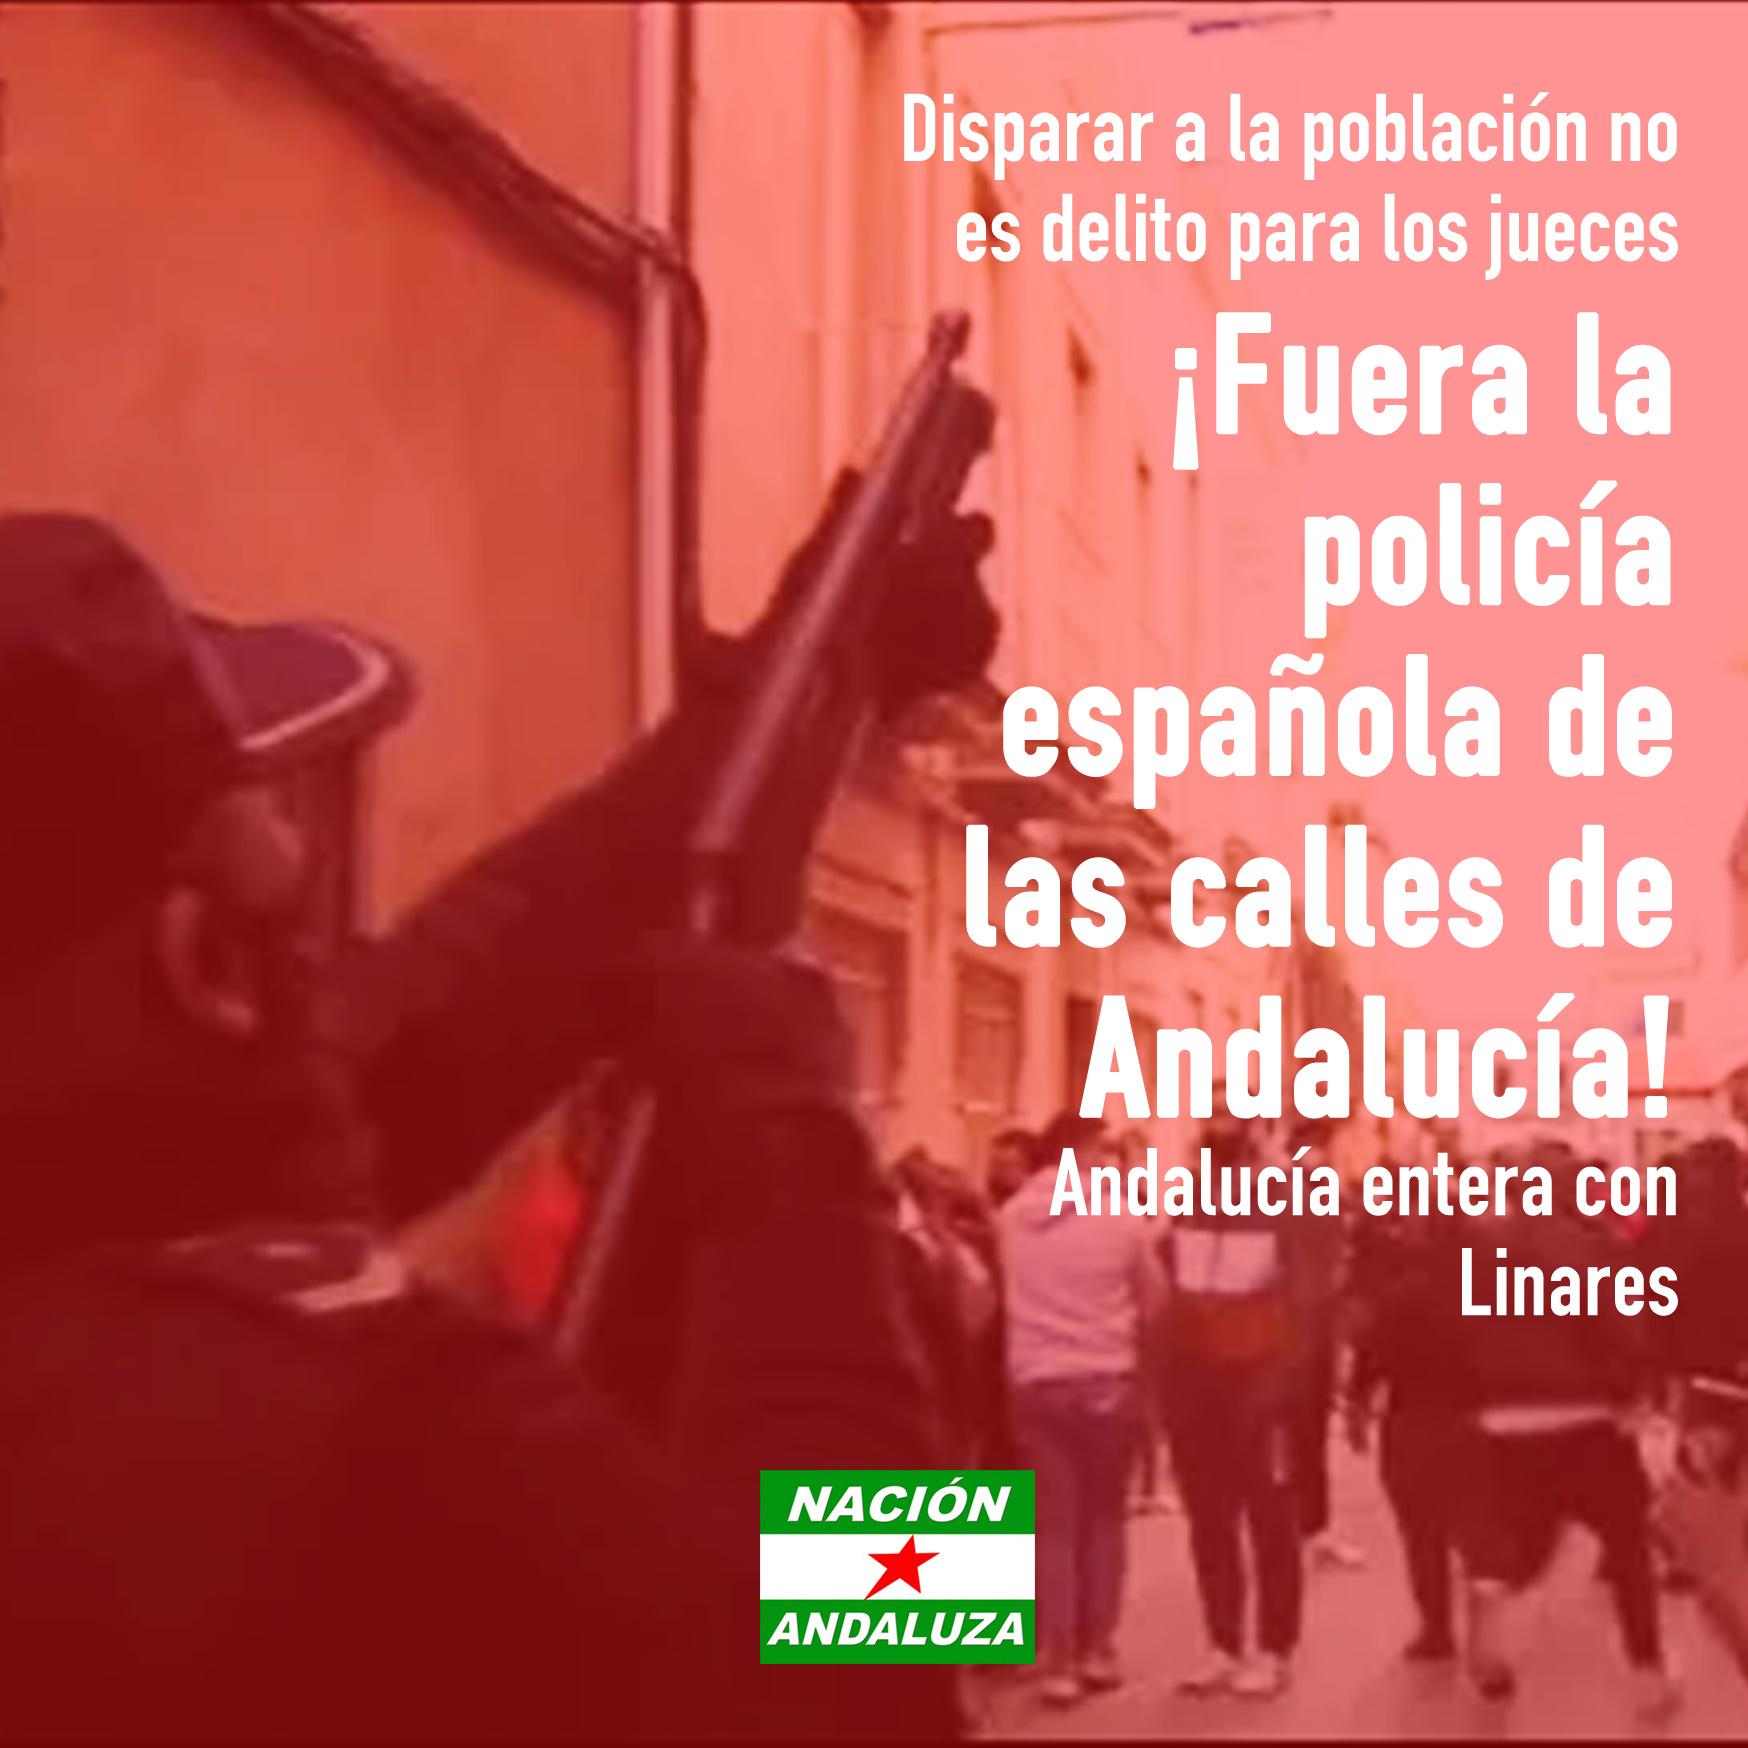 Nación Andaluza ante el archivo de la denuncia contra los abusos policiales en Linares